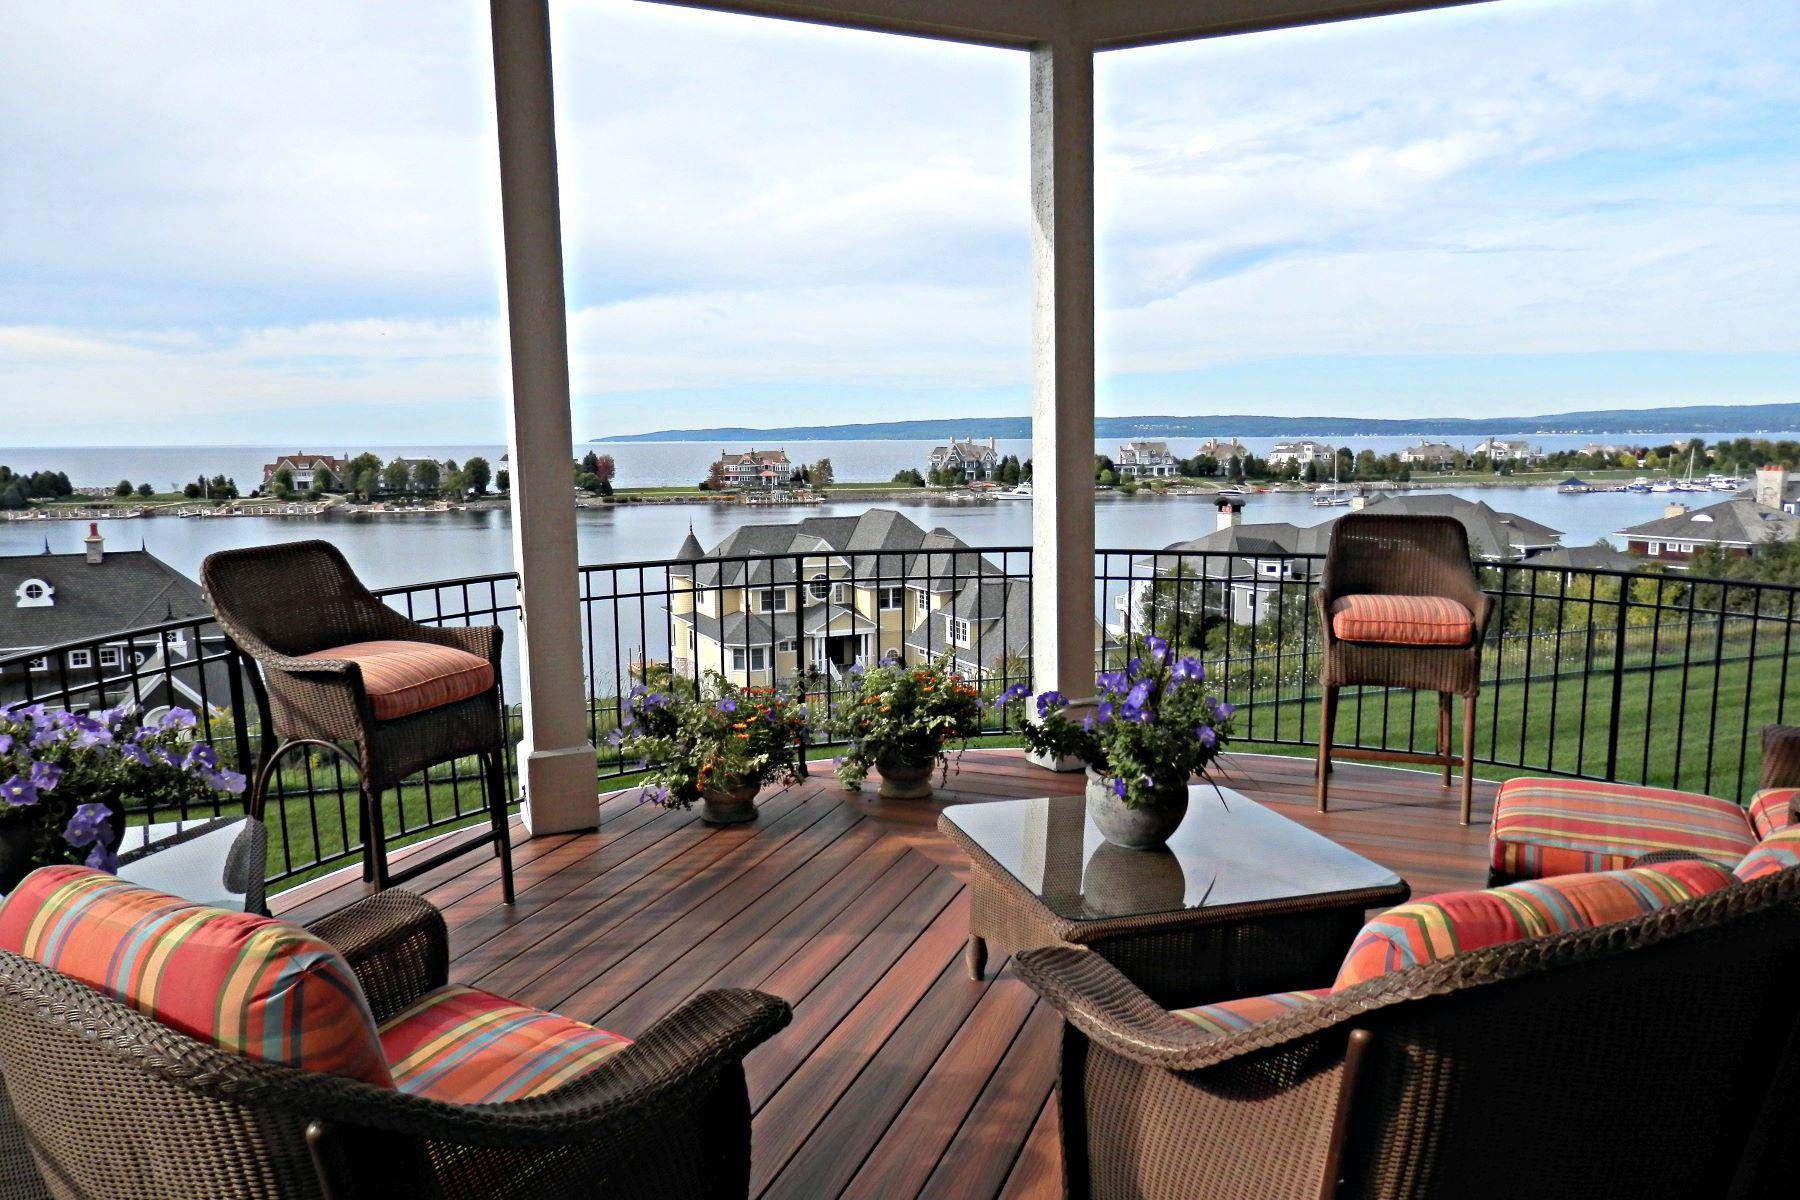 Condominium for Sale at Harborview Ridge, Unit 35 4140 Harborview Ridge, Bay Harbor, Michigan, 49770 United States